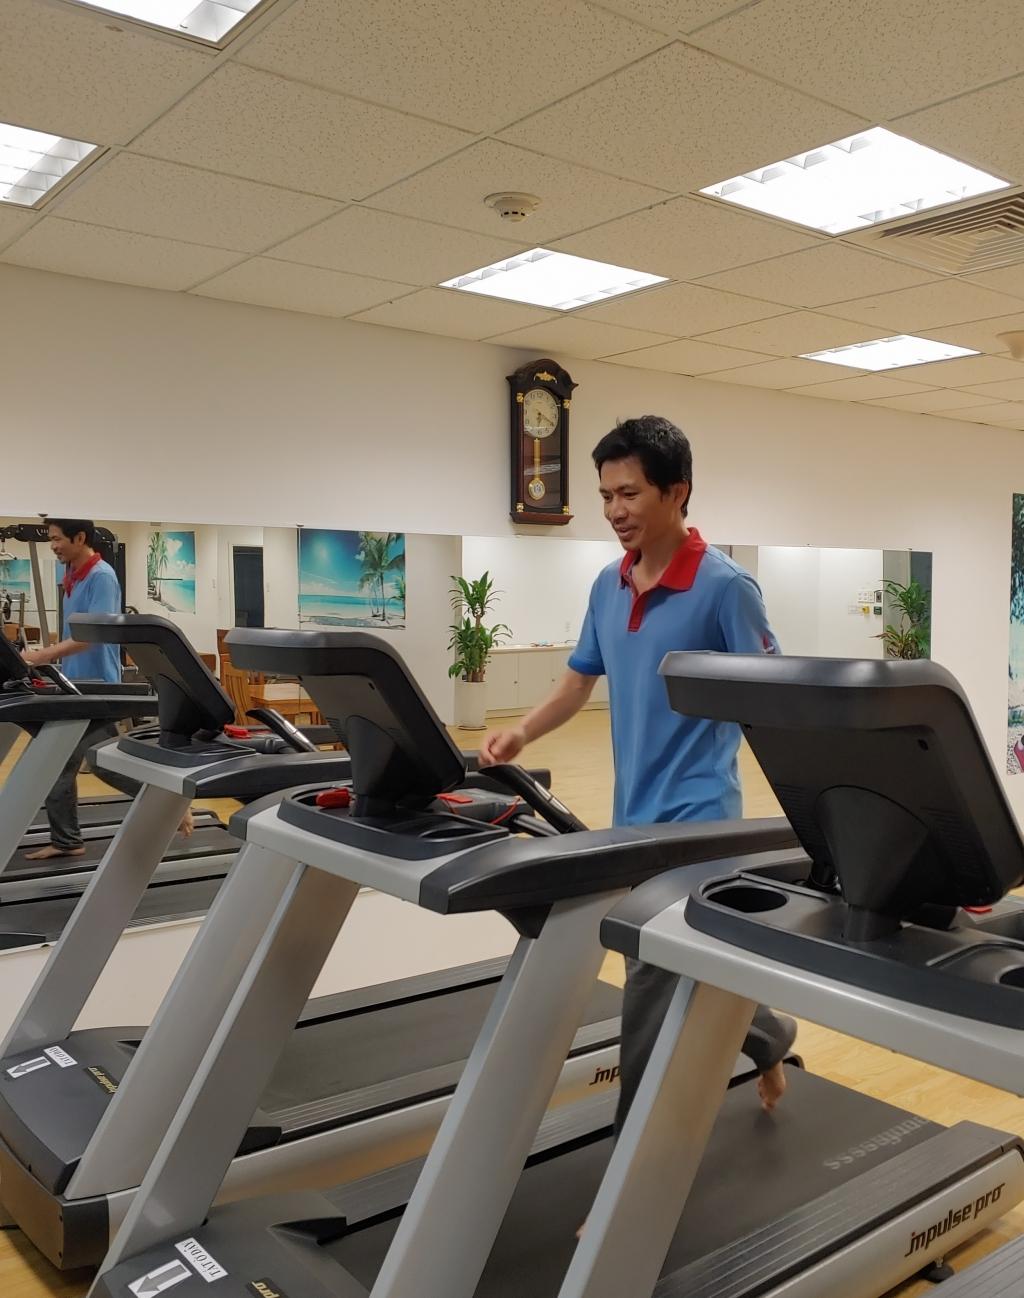 Thời gian nghỉ ngơi được giành cho luyện tập tăng cường sức khỏe